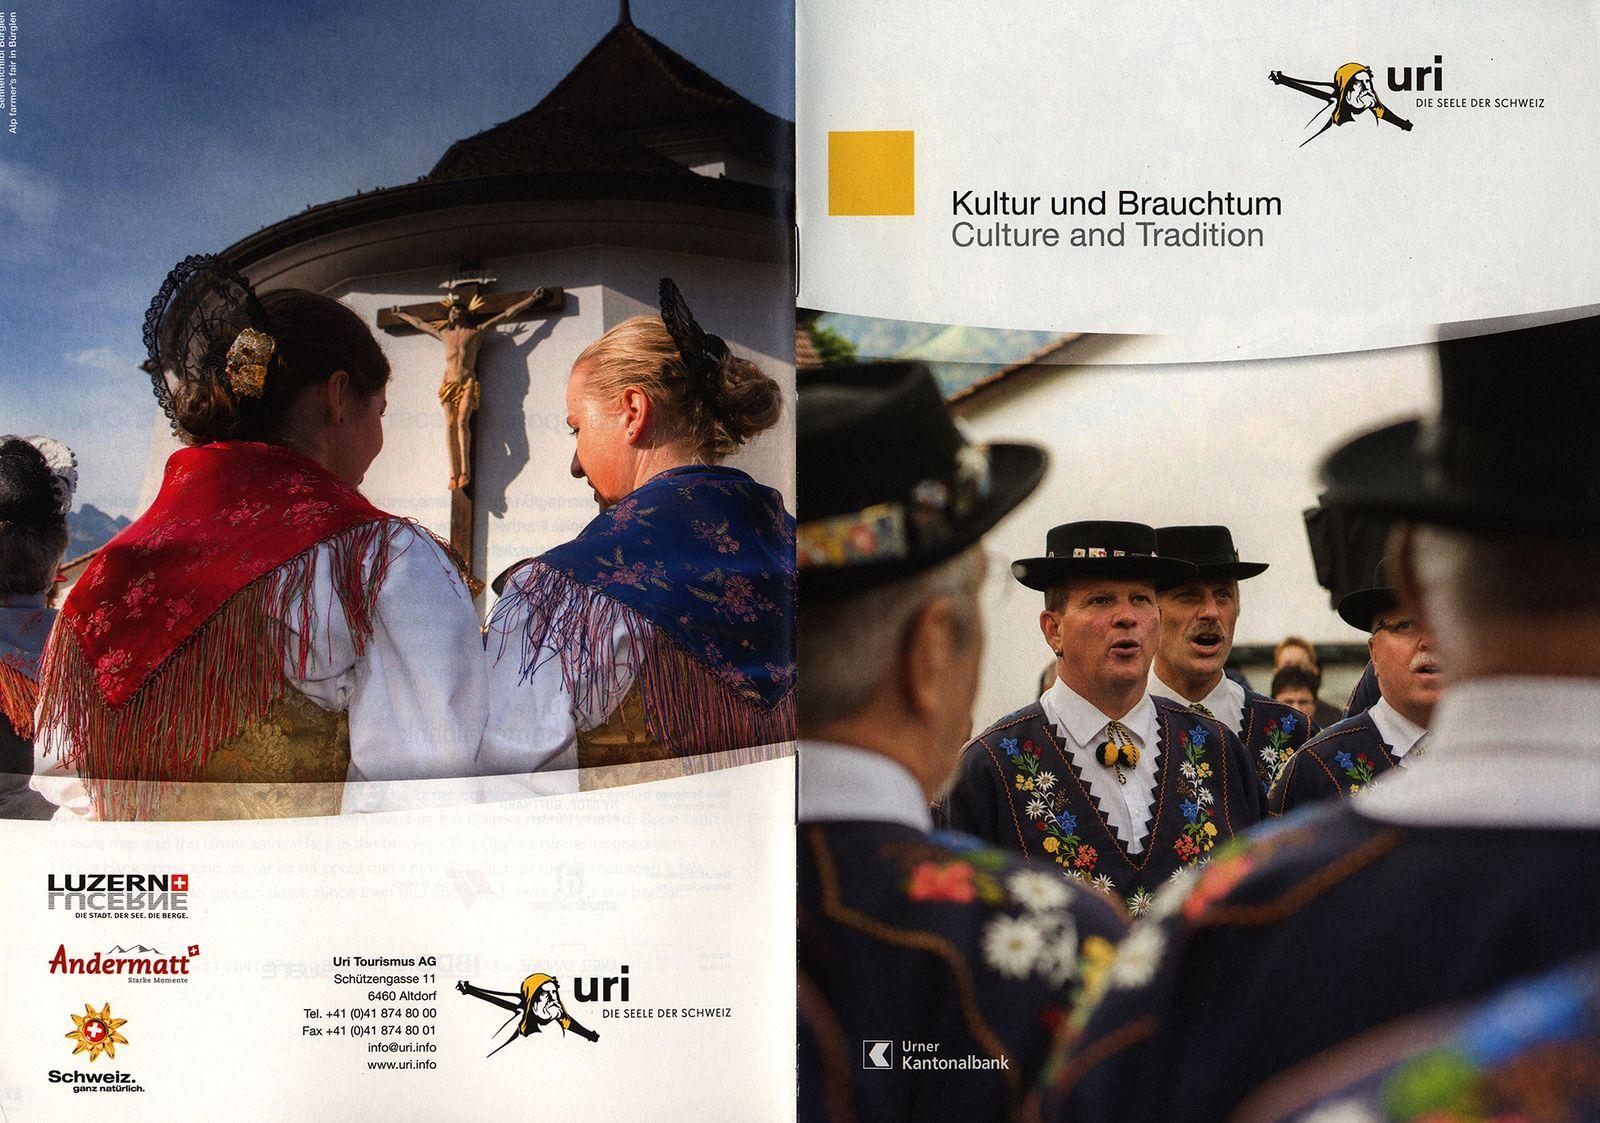 https://flic.kr/p/HVEWW5 | Ferienregion Uri und Klewenalp, Kultur und Brauchtum/ Culture and Tradition 2015; Switzerland